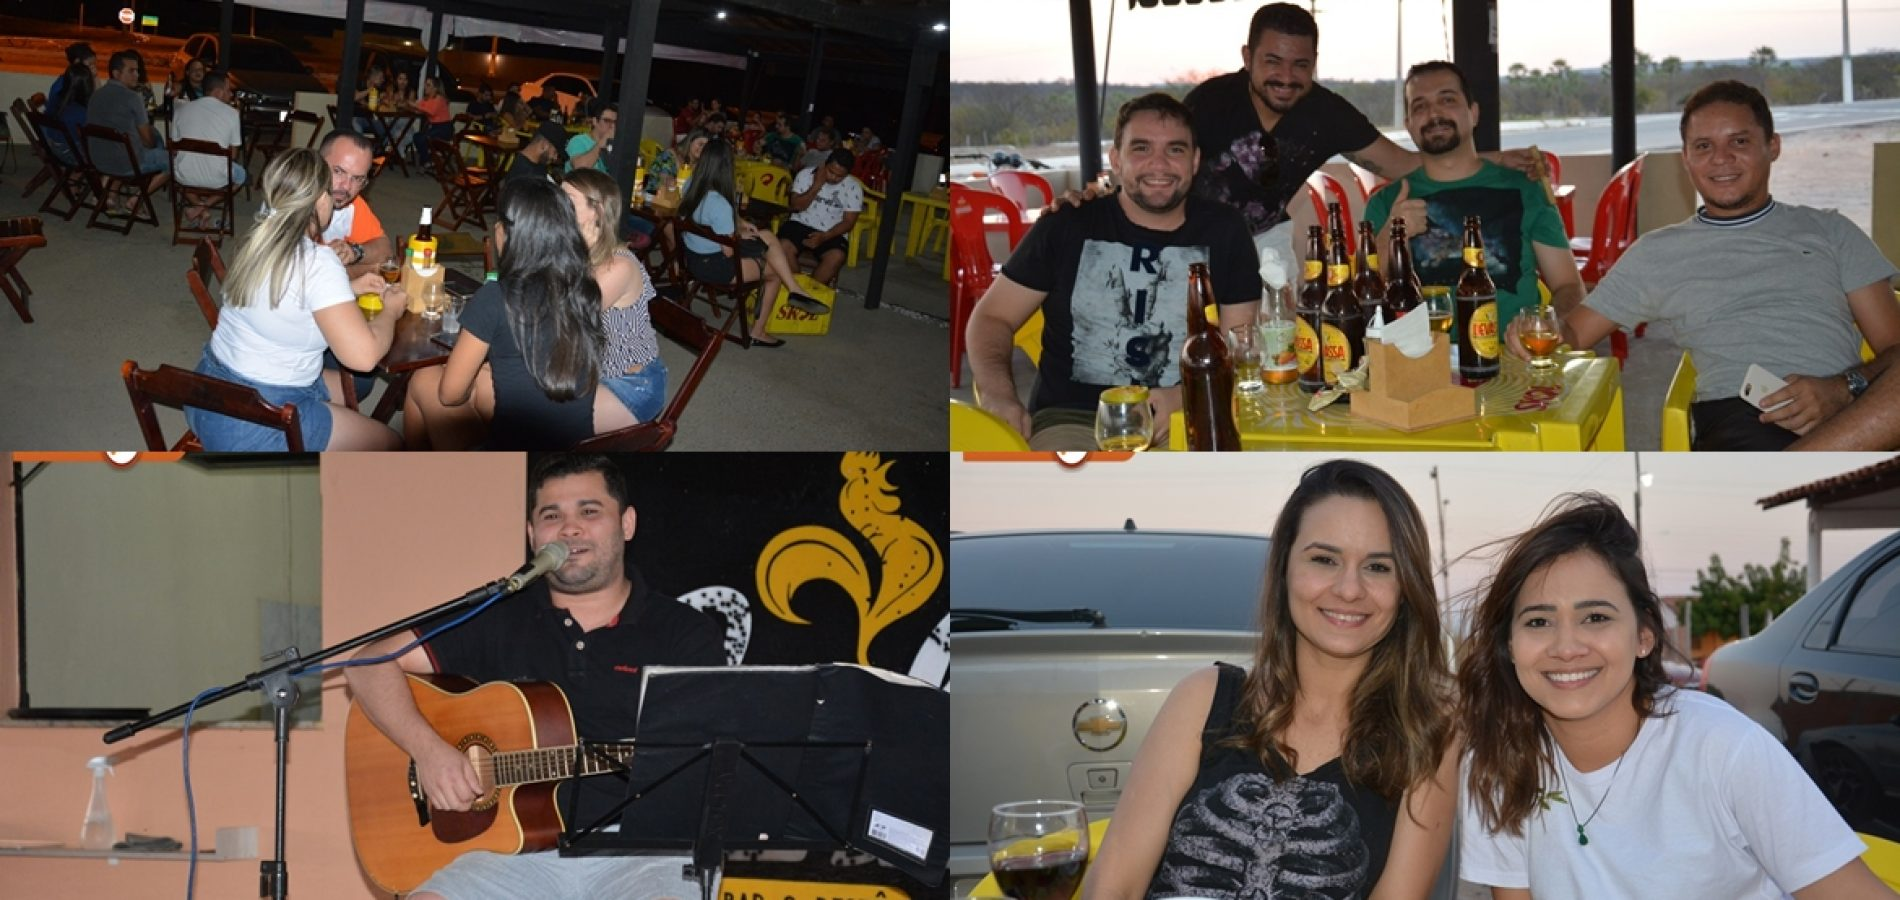 Veja quem curtiu o show de Arthur Júnior neste domingo no Galo Beer Bar & Restô em Jaicós